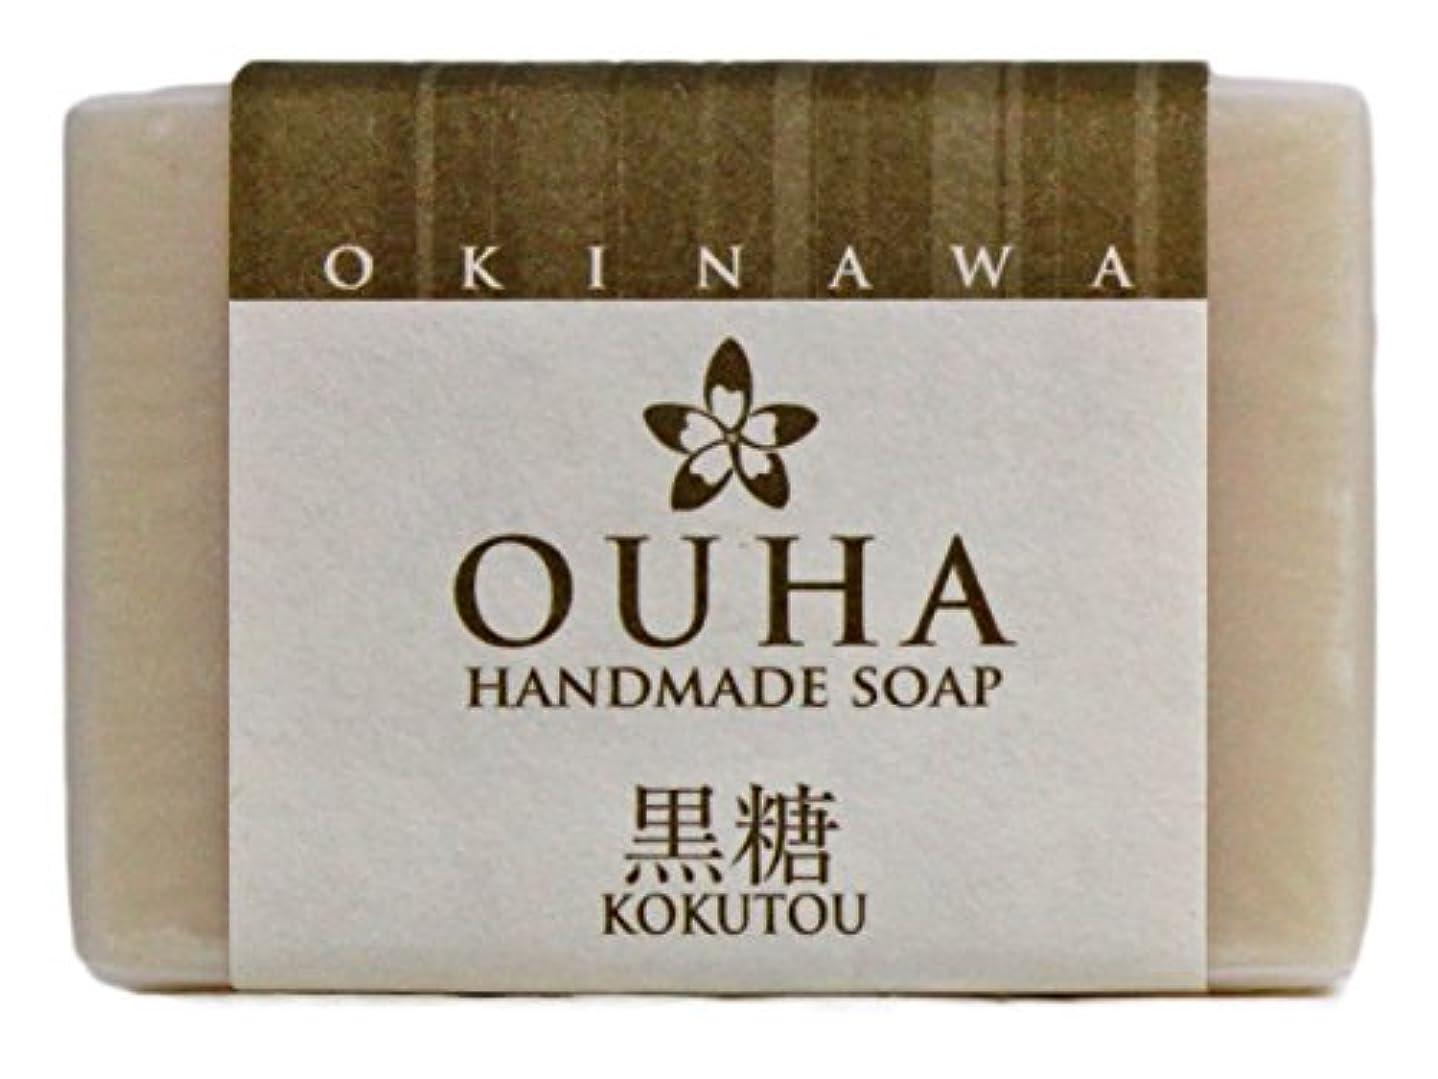 キャンドル排気許容沖縄手作り洗顔せっけん OUHAソープ 黒糖 47g